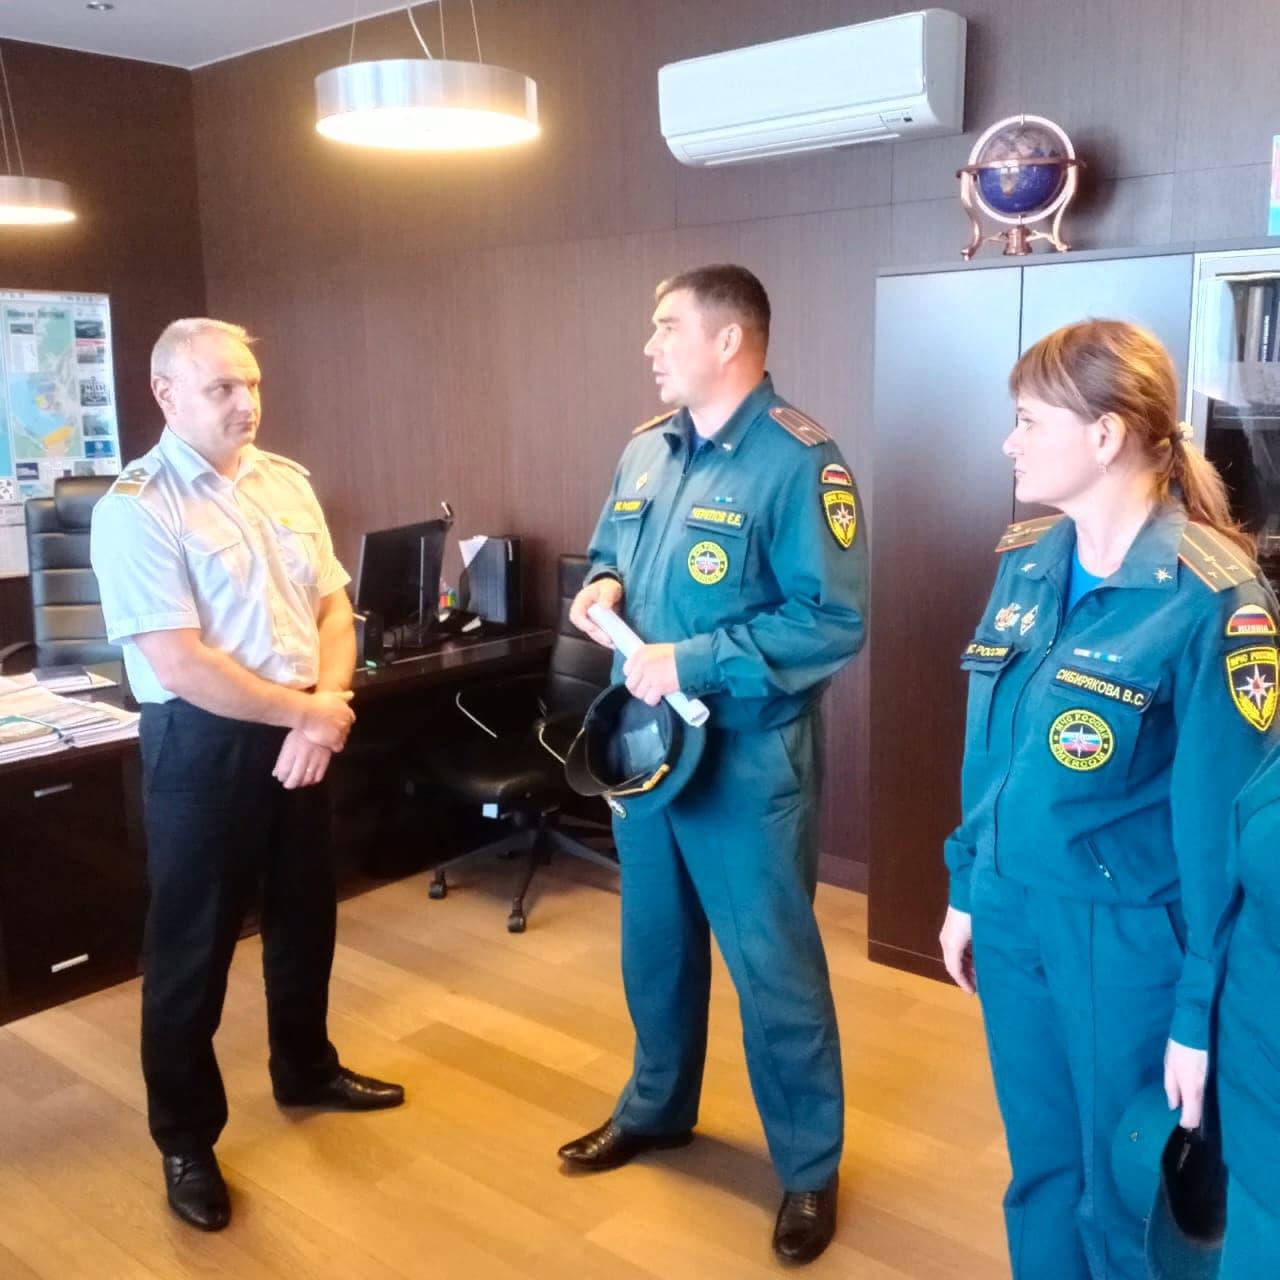 МЧС Находки провели экскурсию для школьников в Администрацию Морских Портов